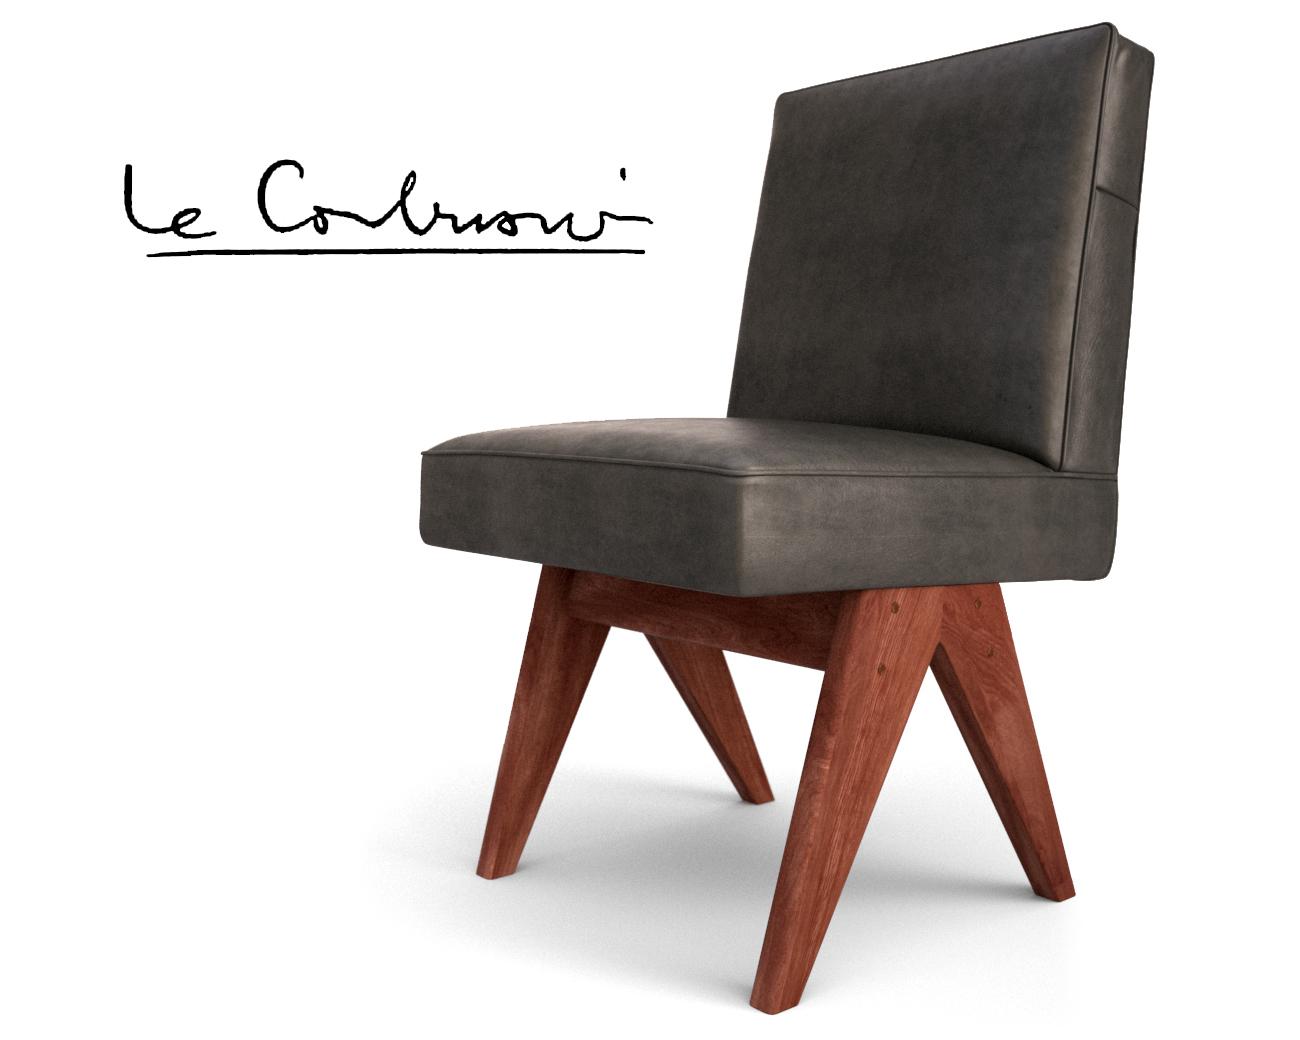 Le Corbusier, Pierre Jeanneret - Sedia da pranzo